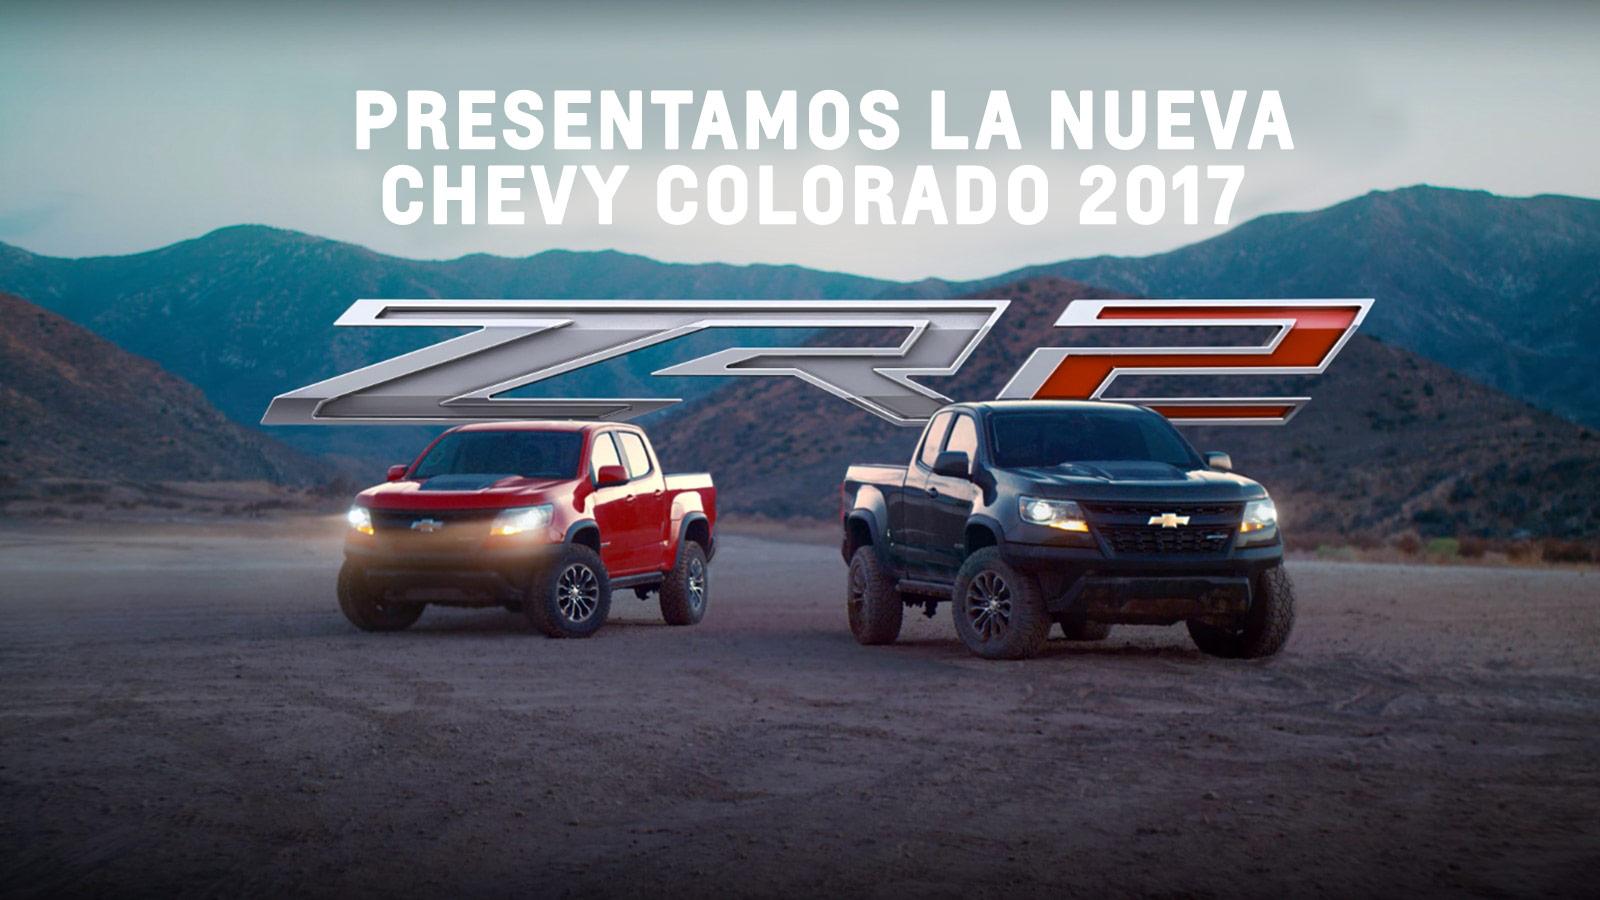 Colorado ZR2 2017